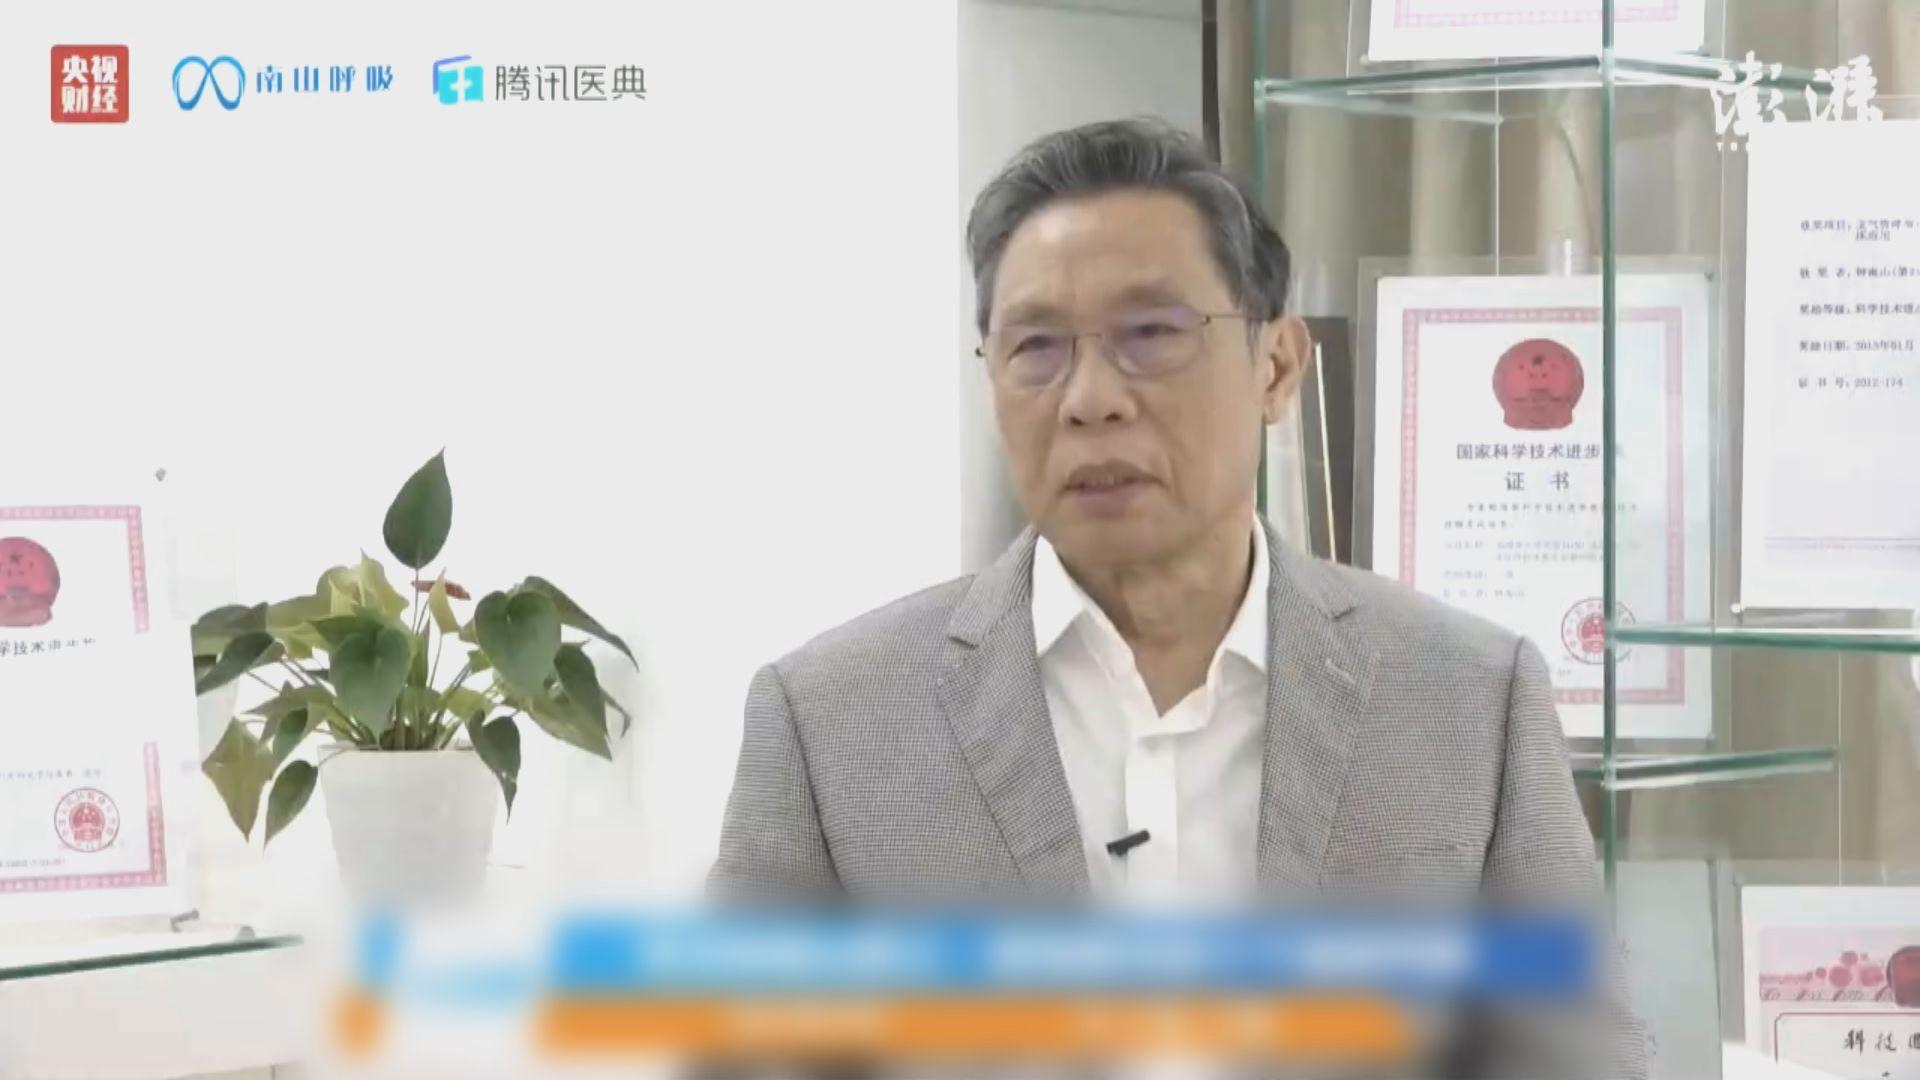 鍾南山:有中成藥對輕症患者有效